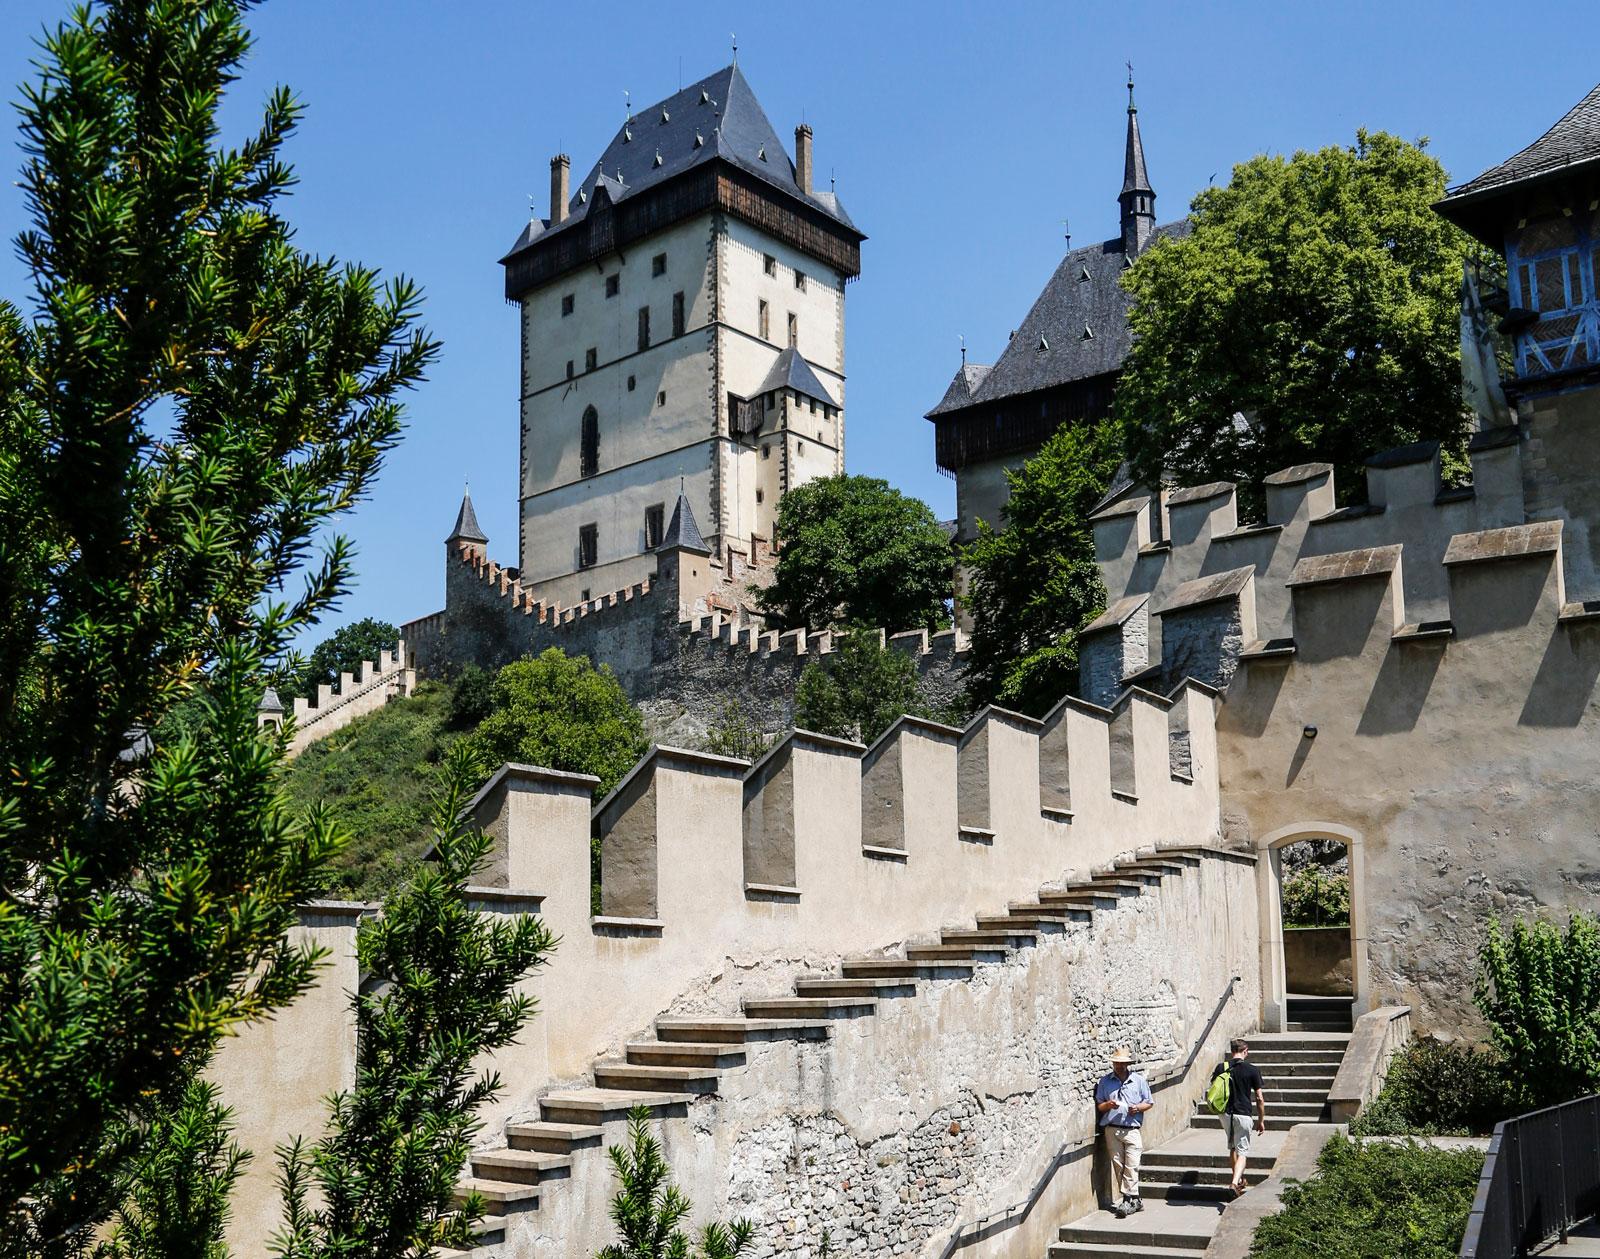 Karlstejns slott har vackra miljöer innanför de tjocka murarna.